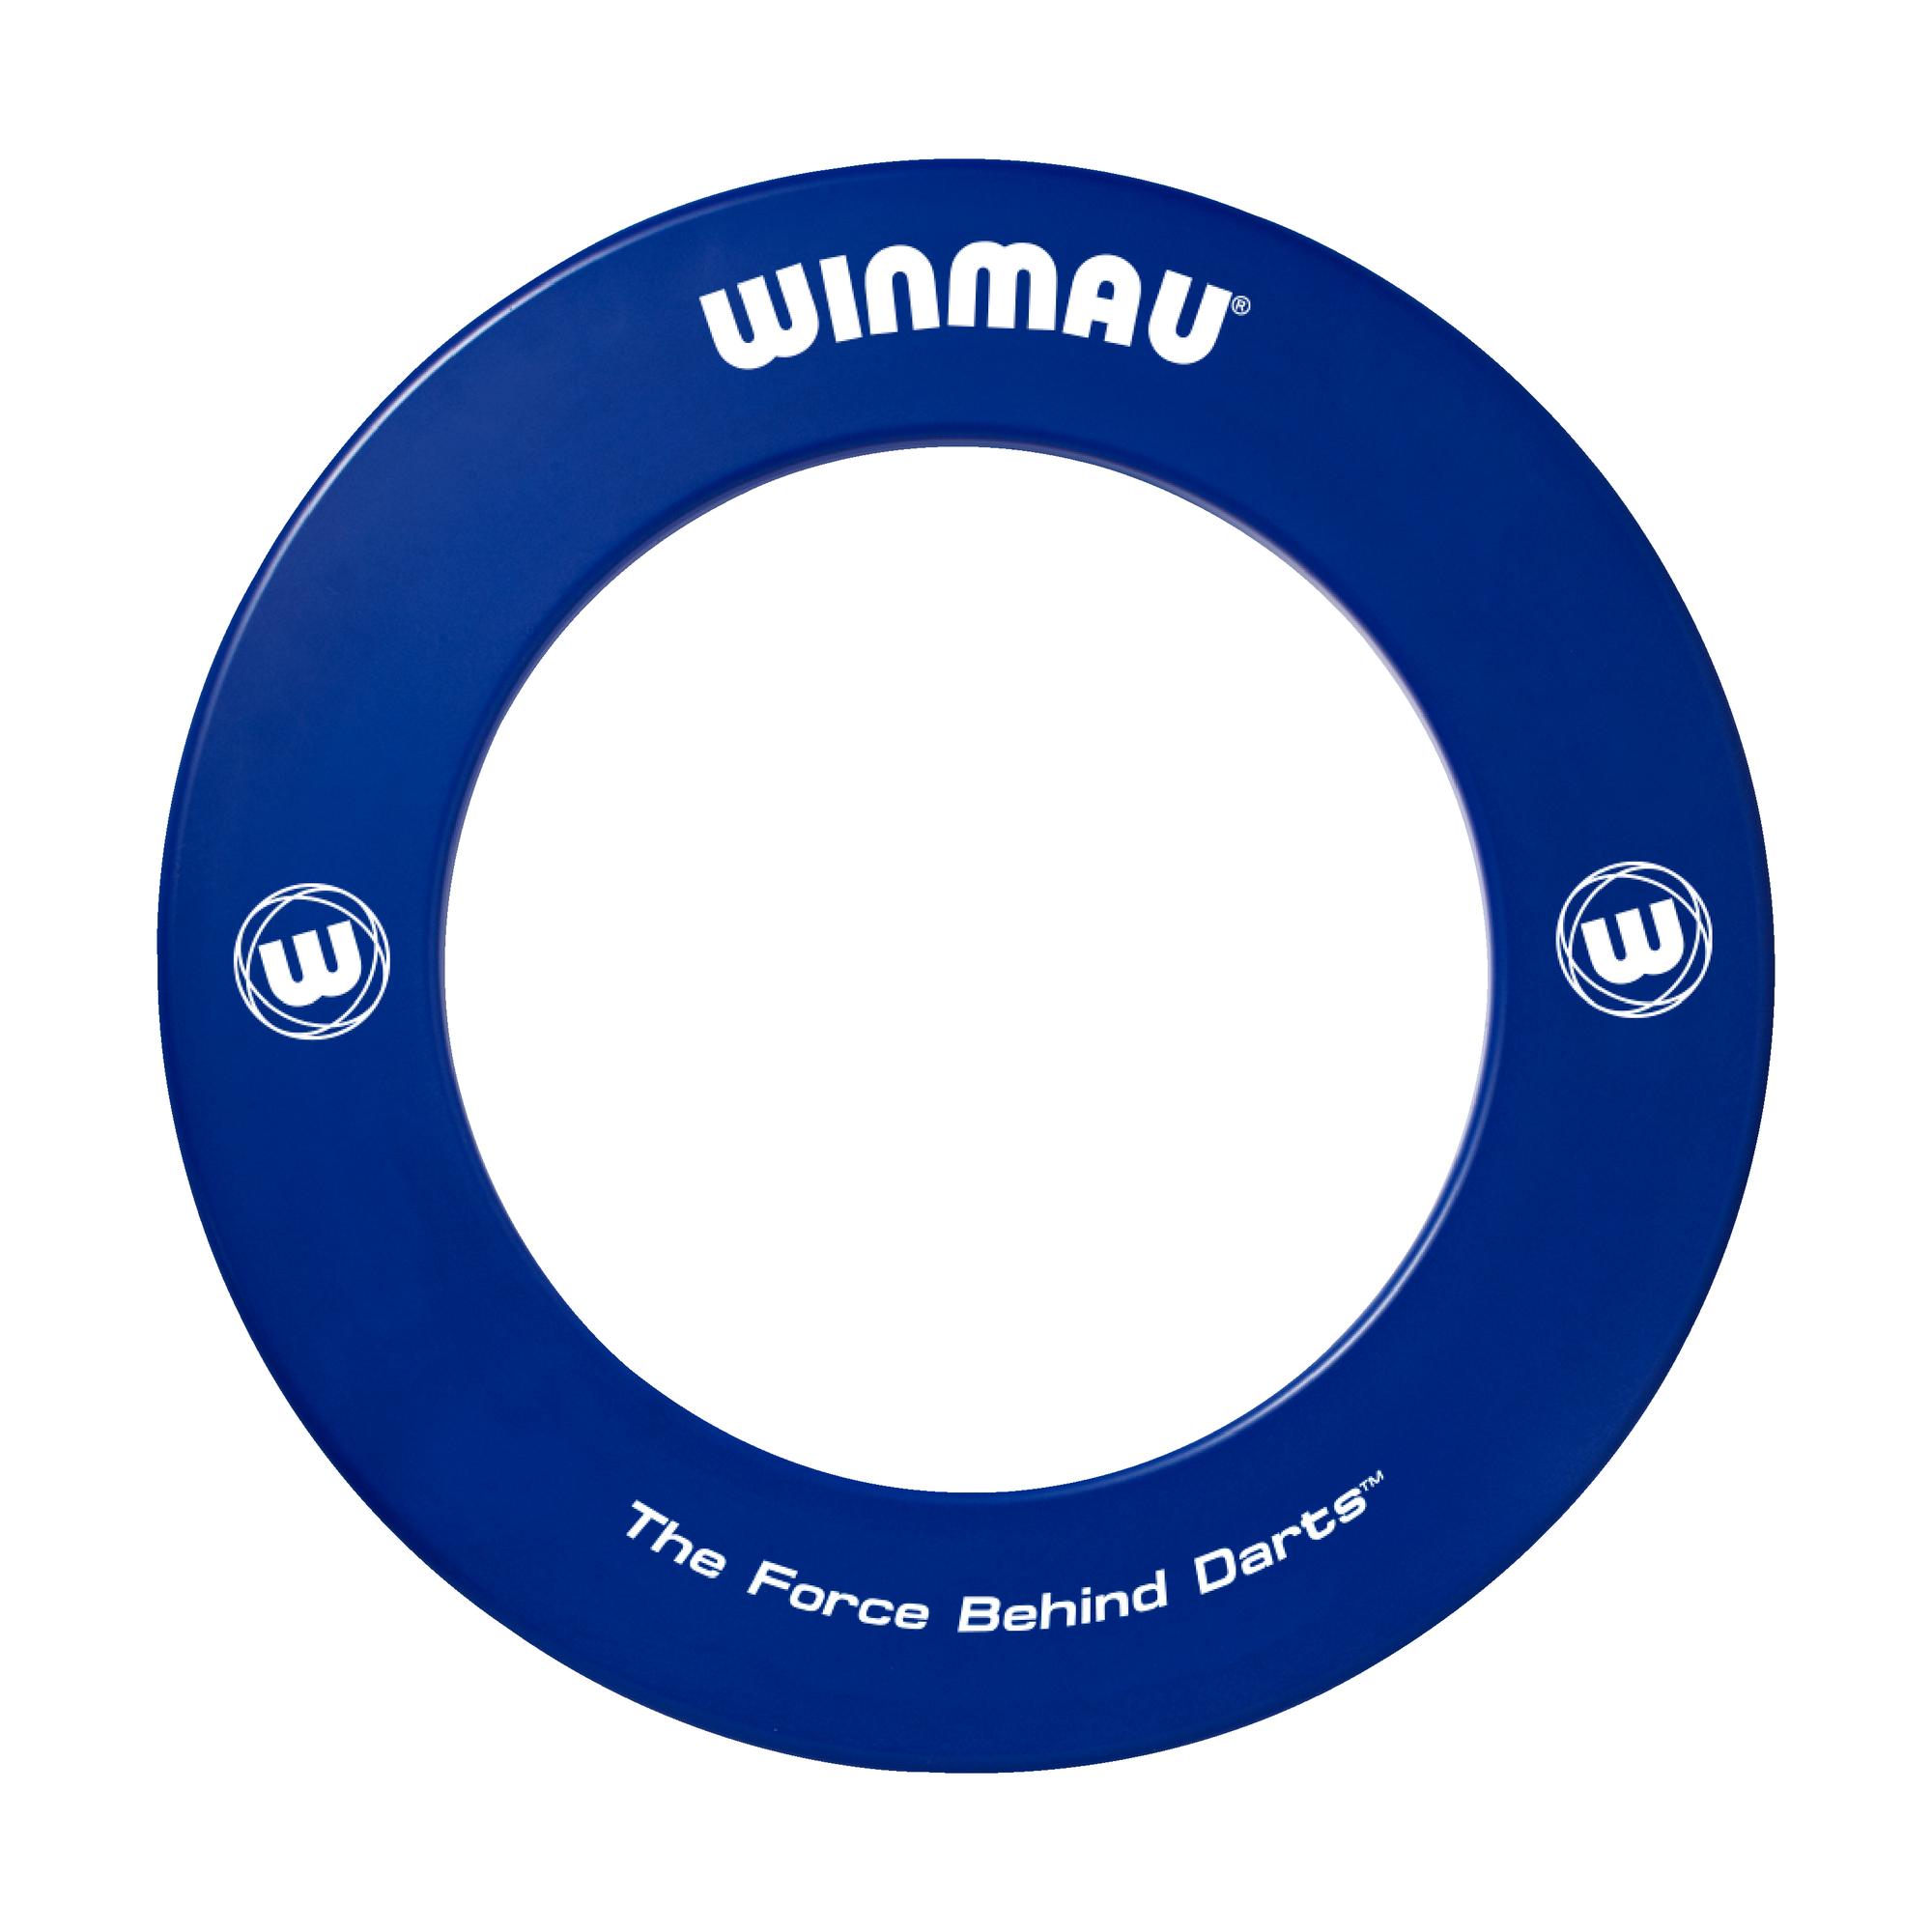 Winmau Darts Winmau dartbord surround met logo - Blauw